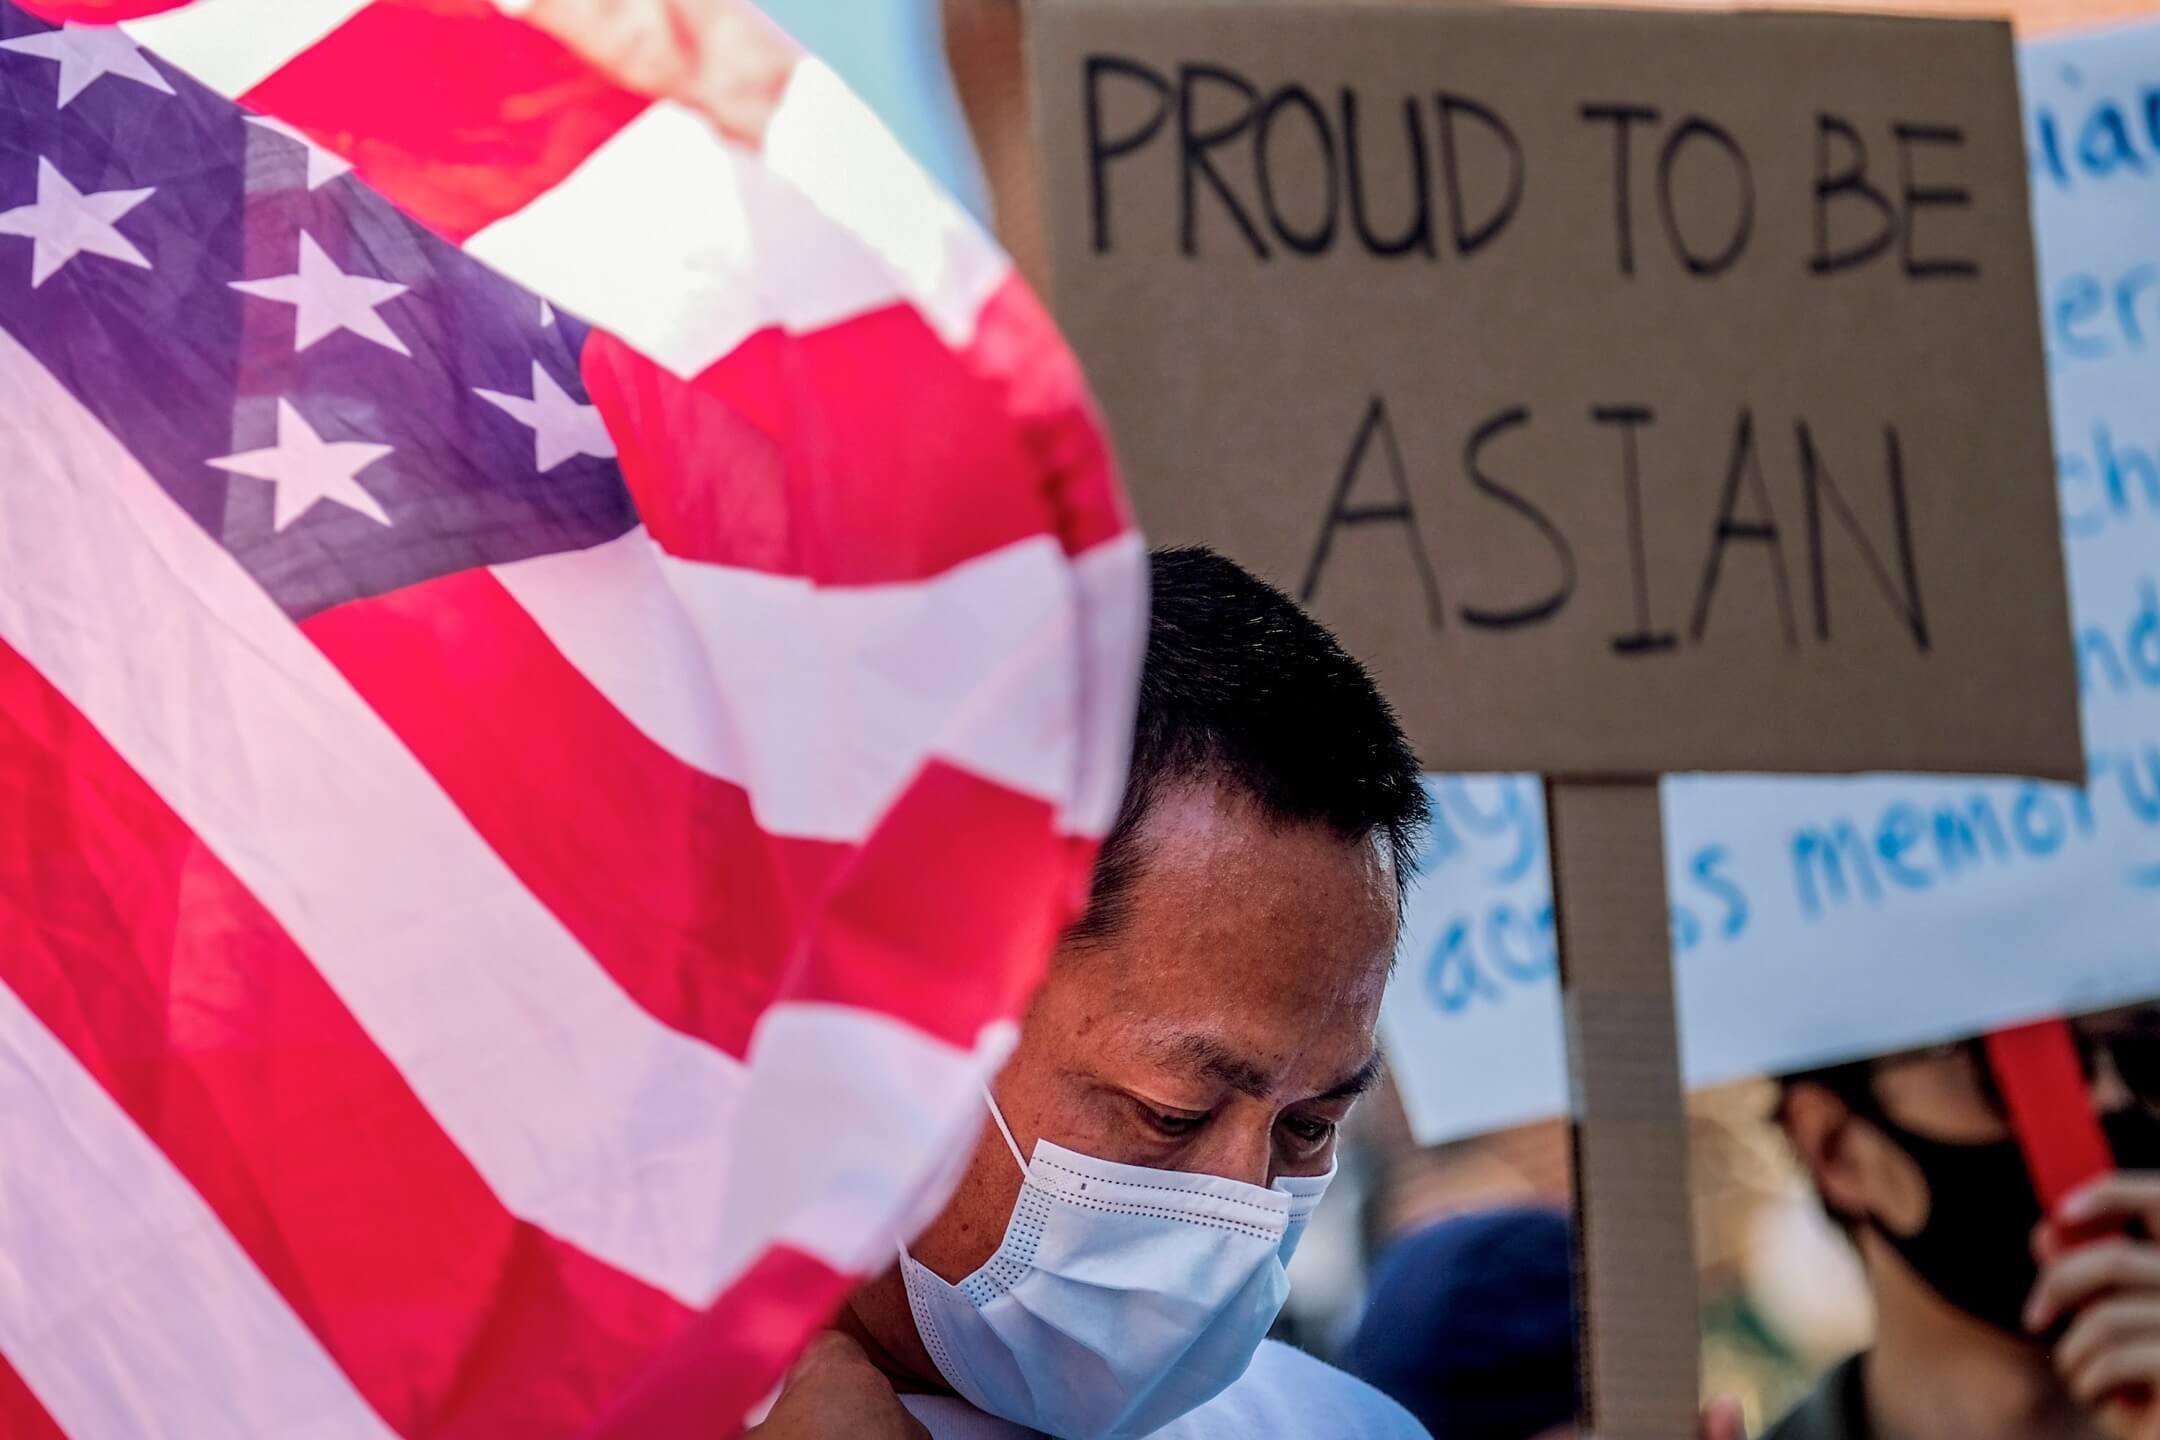 2021年3月27日,美國加州洛杉磯市中心有集會抗議對亞裔人的仇視。